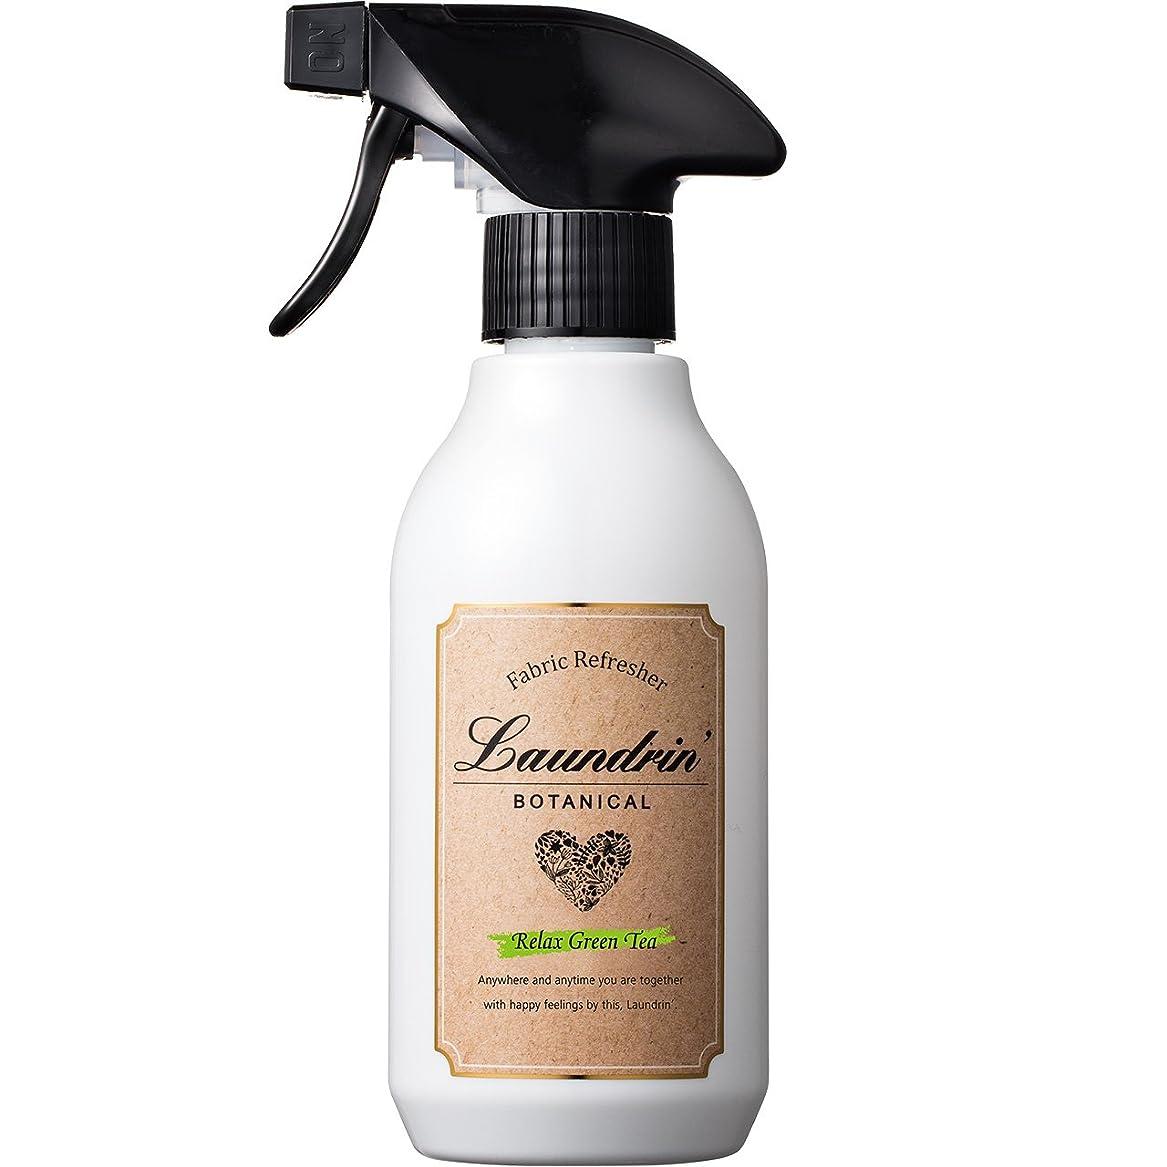 抑制する海外キルスランドリン ボタニカル ファブリックミスト リラックスグリーンティーの香り 300ml